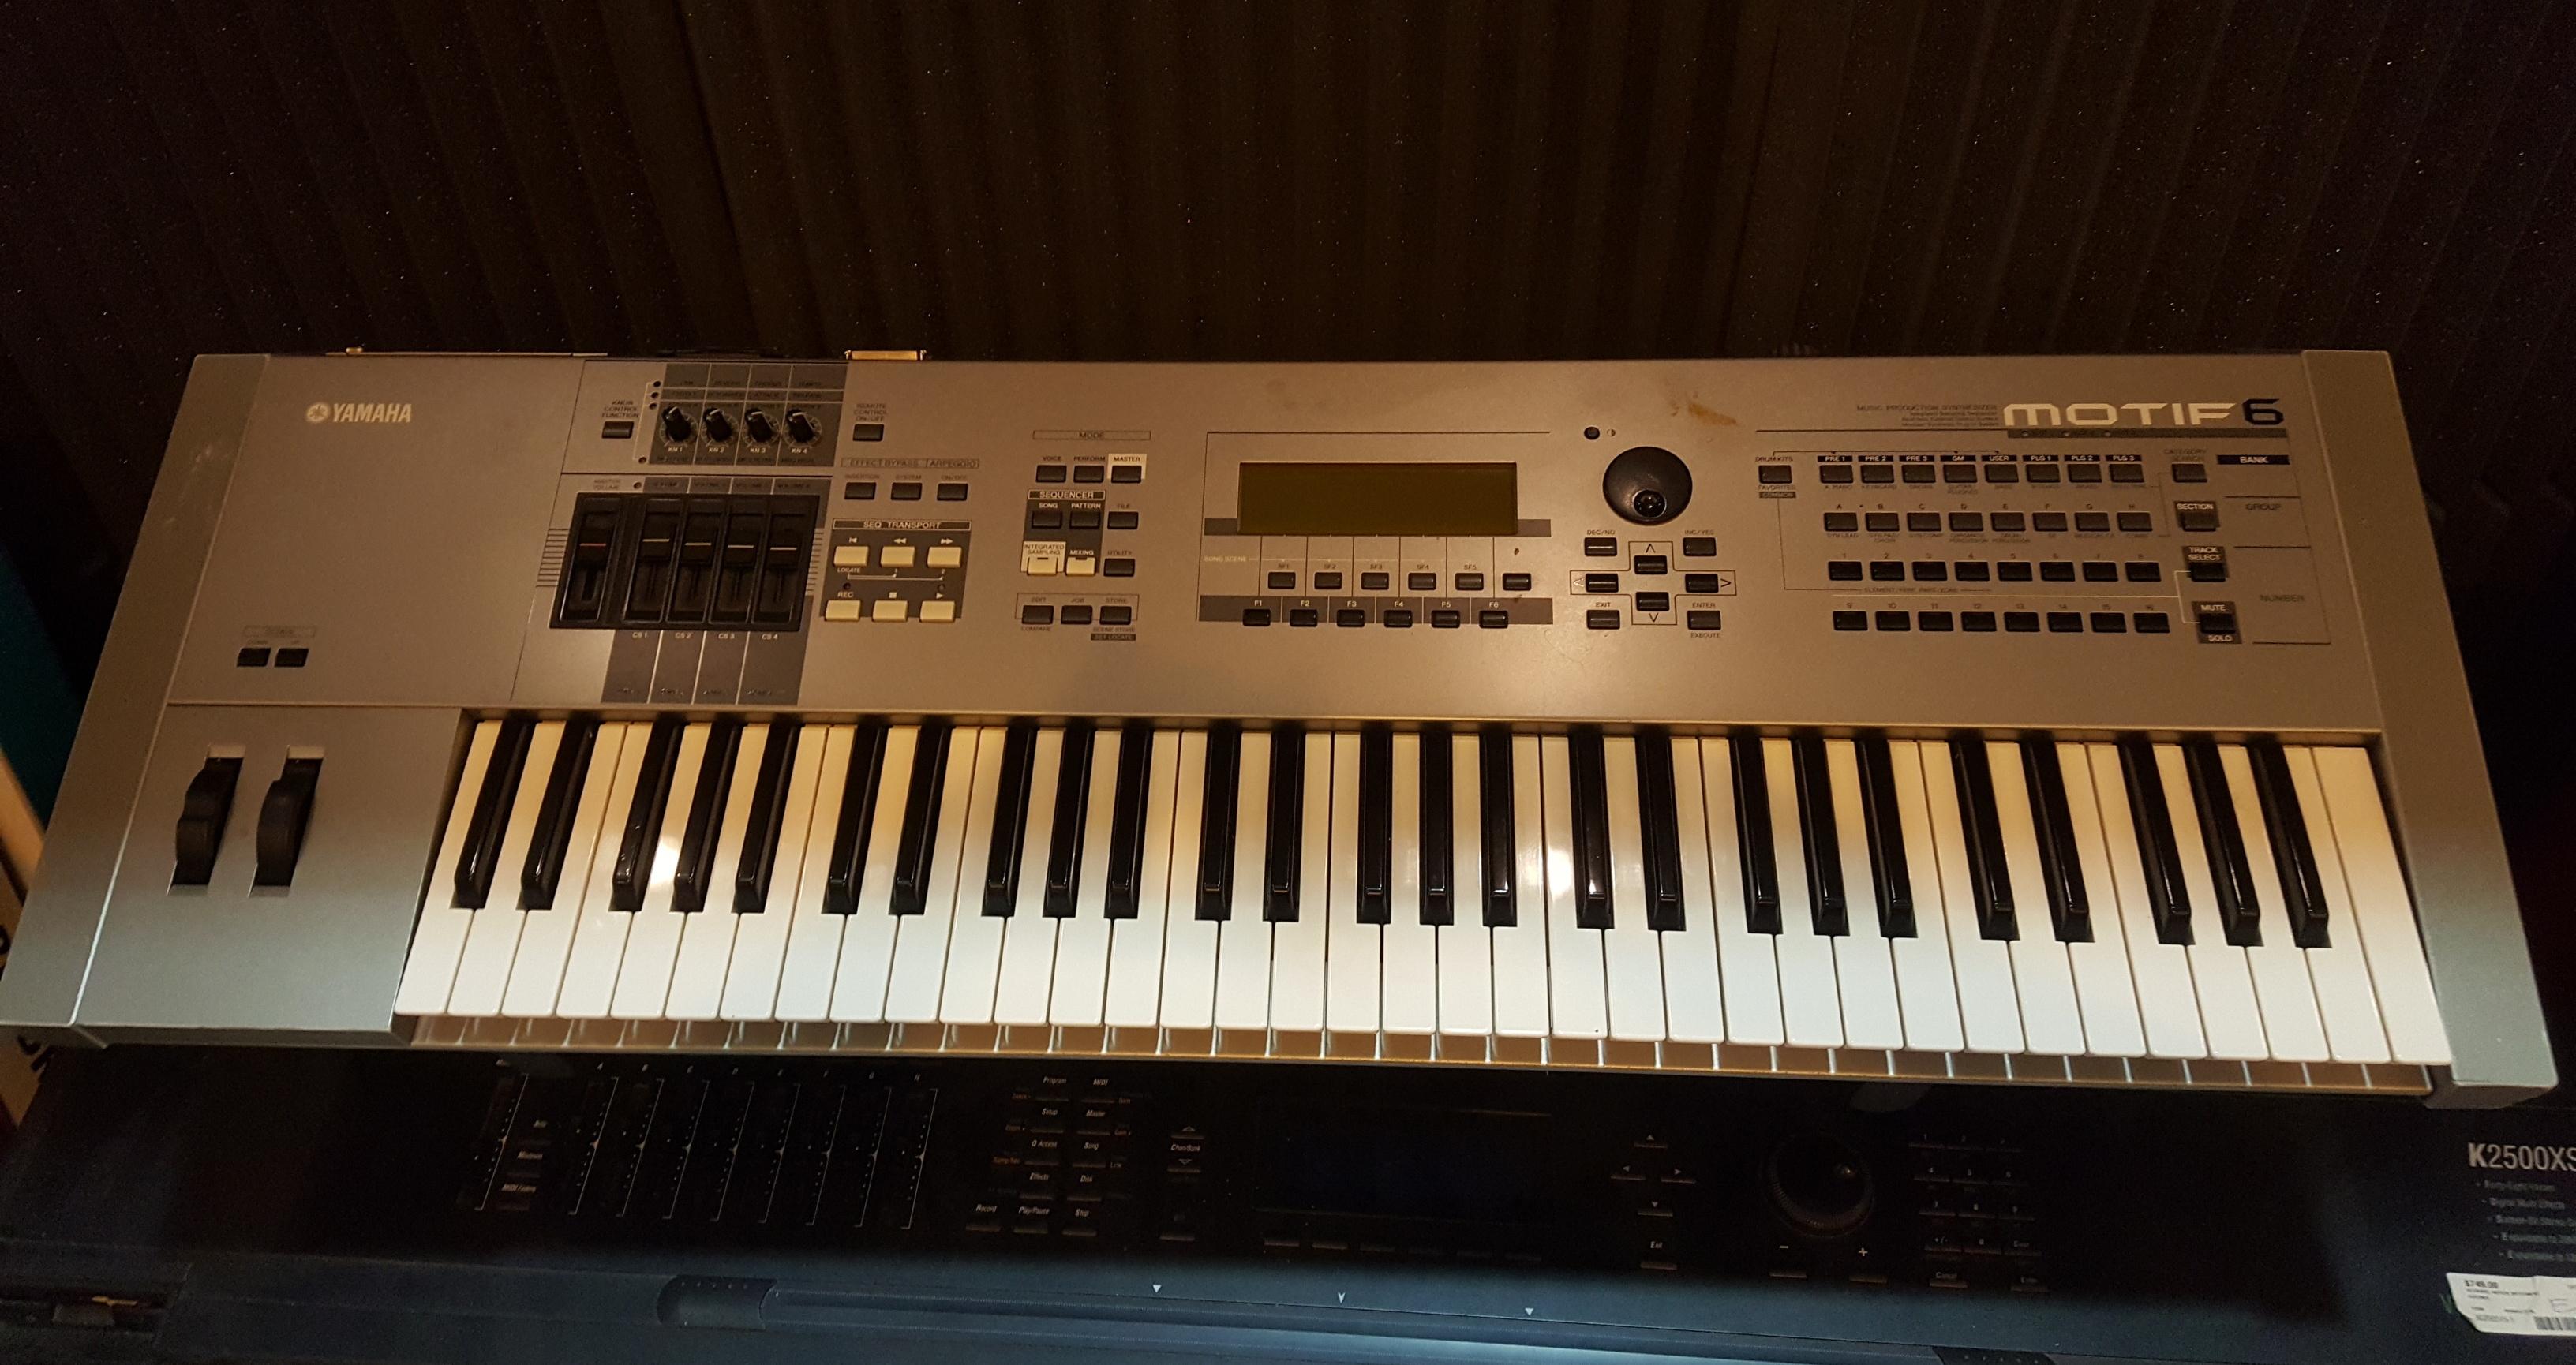 Keys keyboards atomic music online for Yamaha motif keyboard